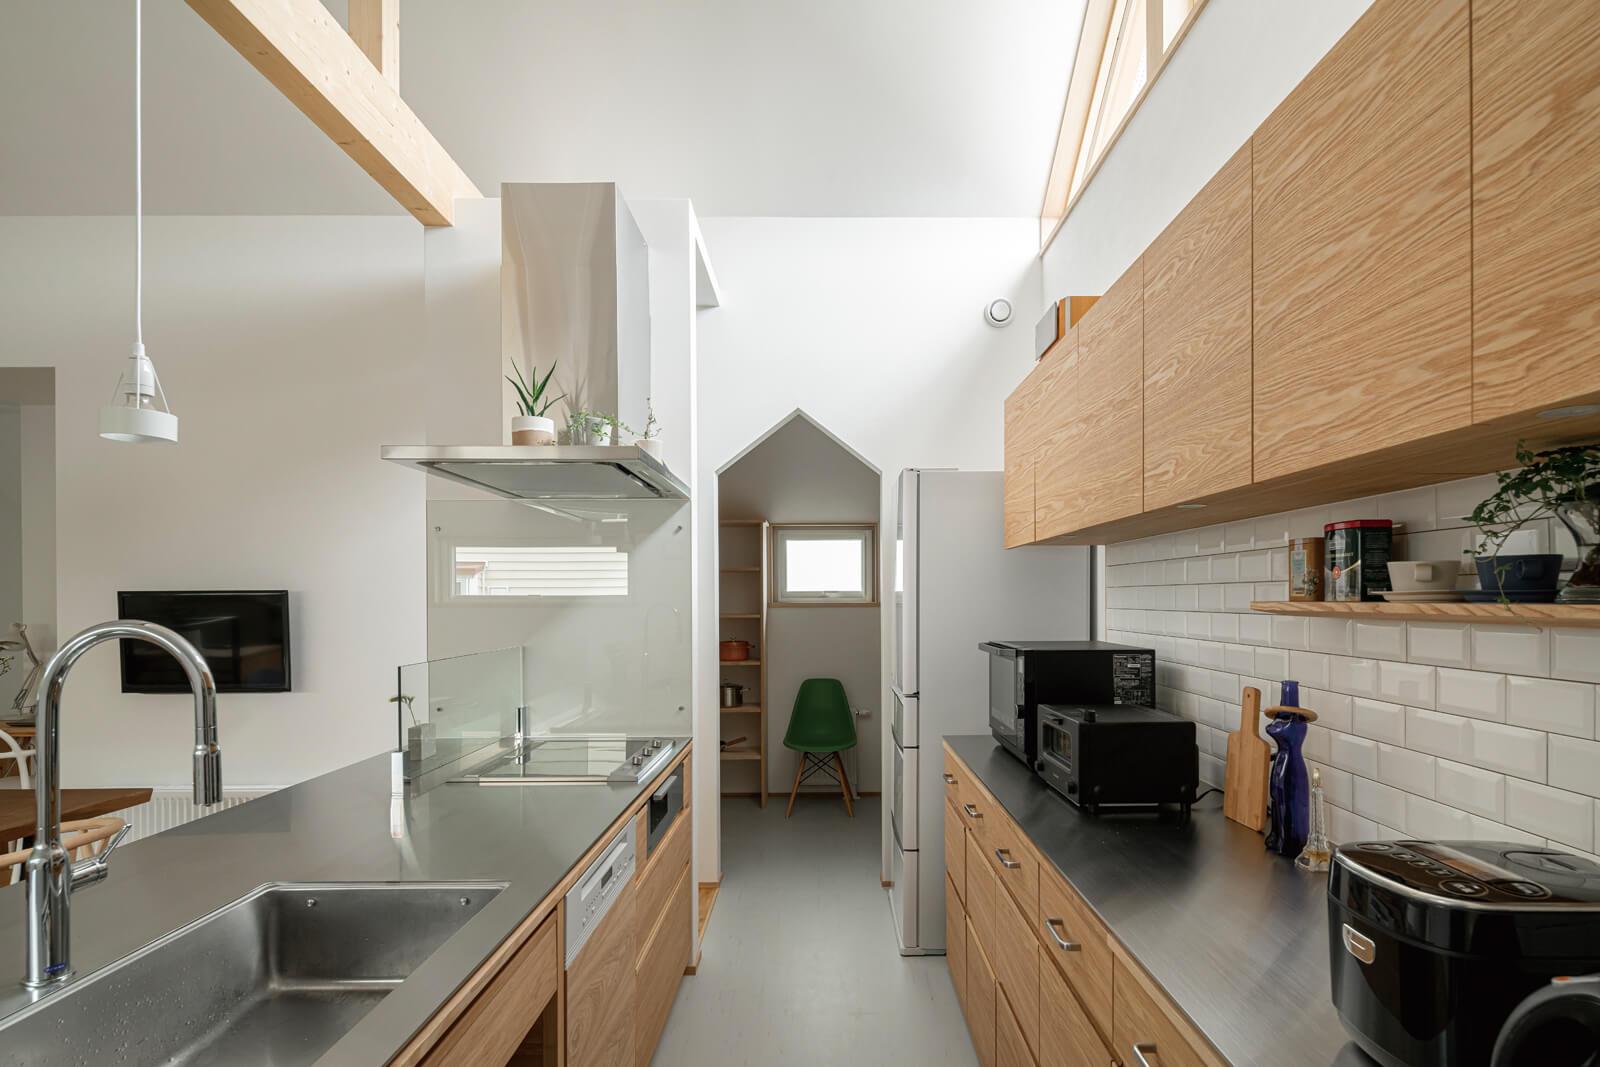 キッチン奥には収納力たっぷりのパントリーを配置。キッチンエリアをすっきりと見せるための重要なポイント